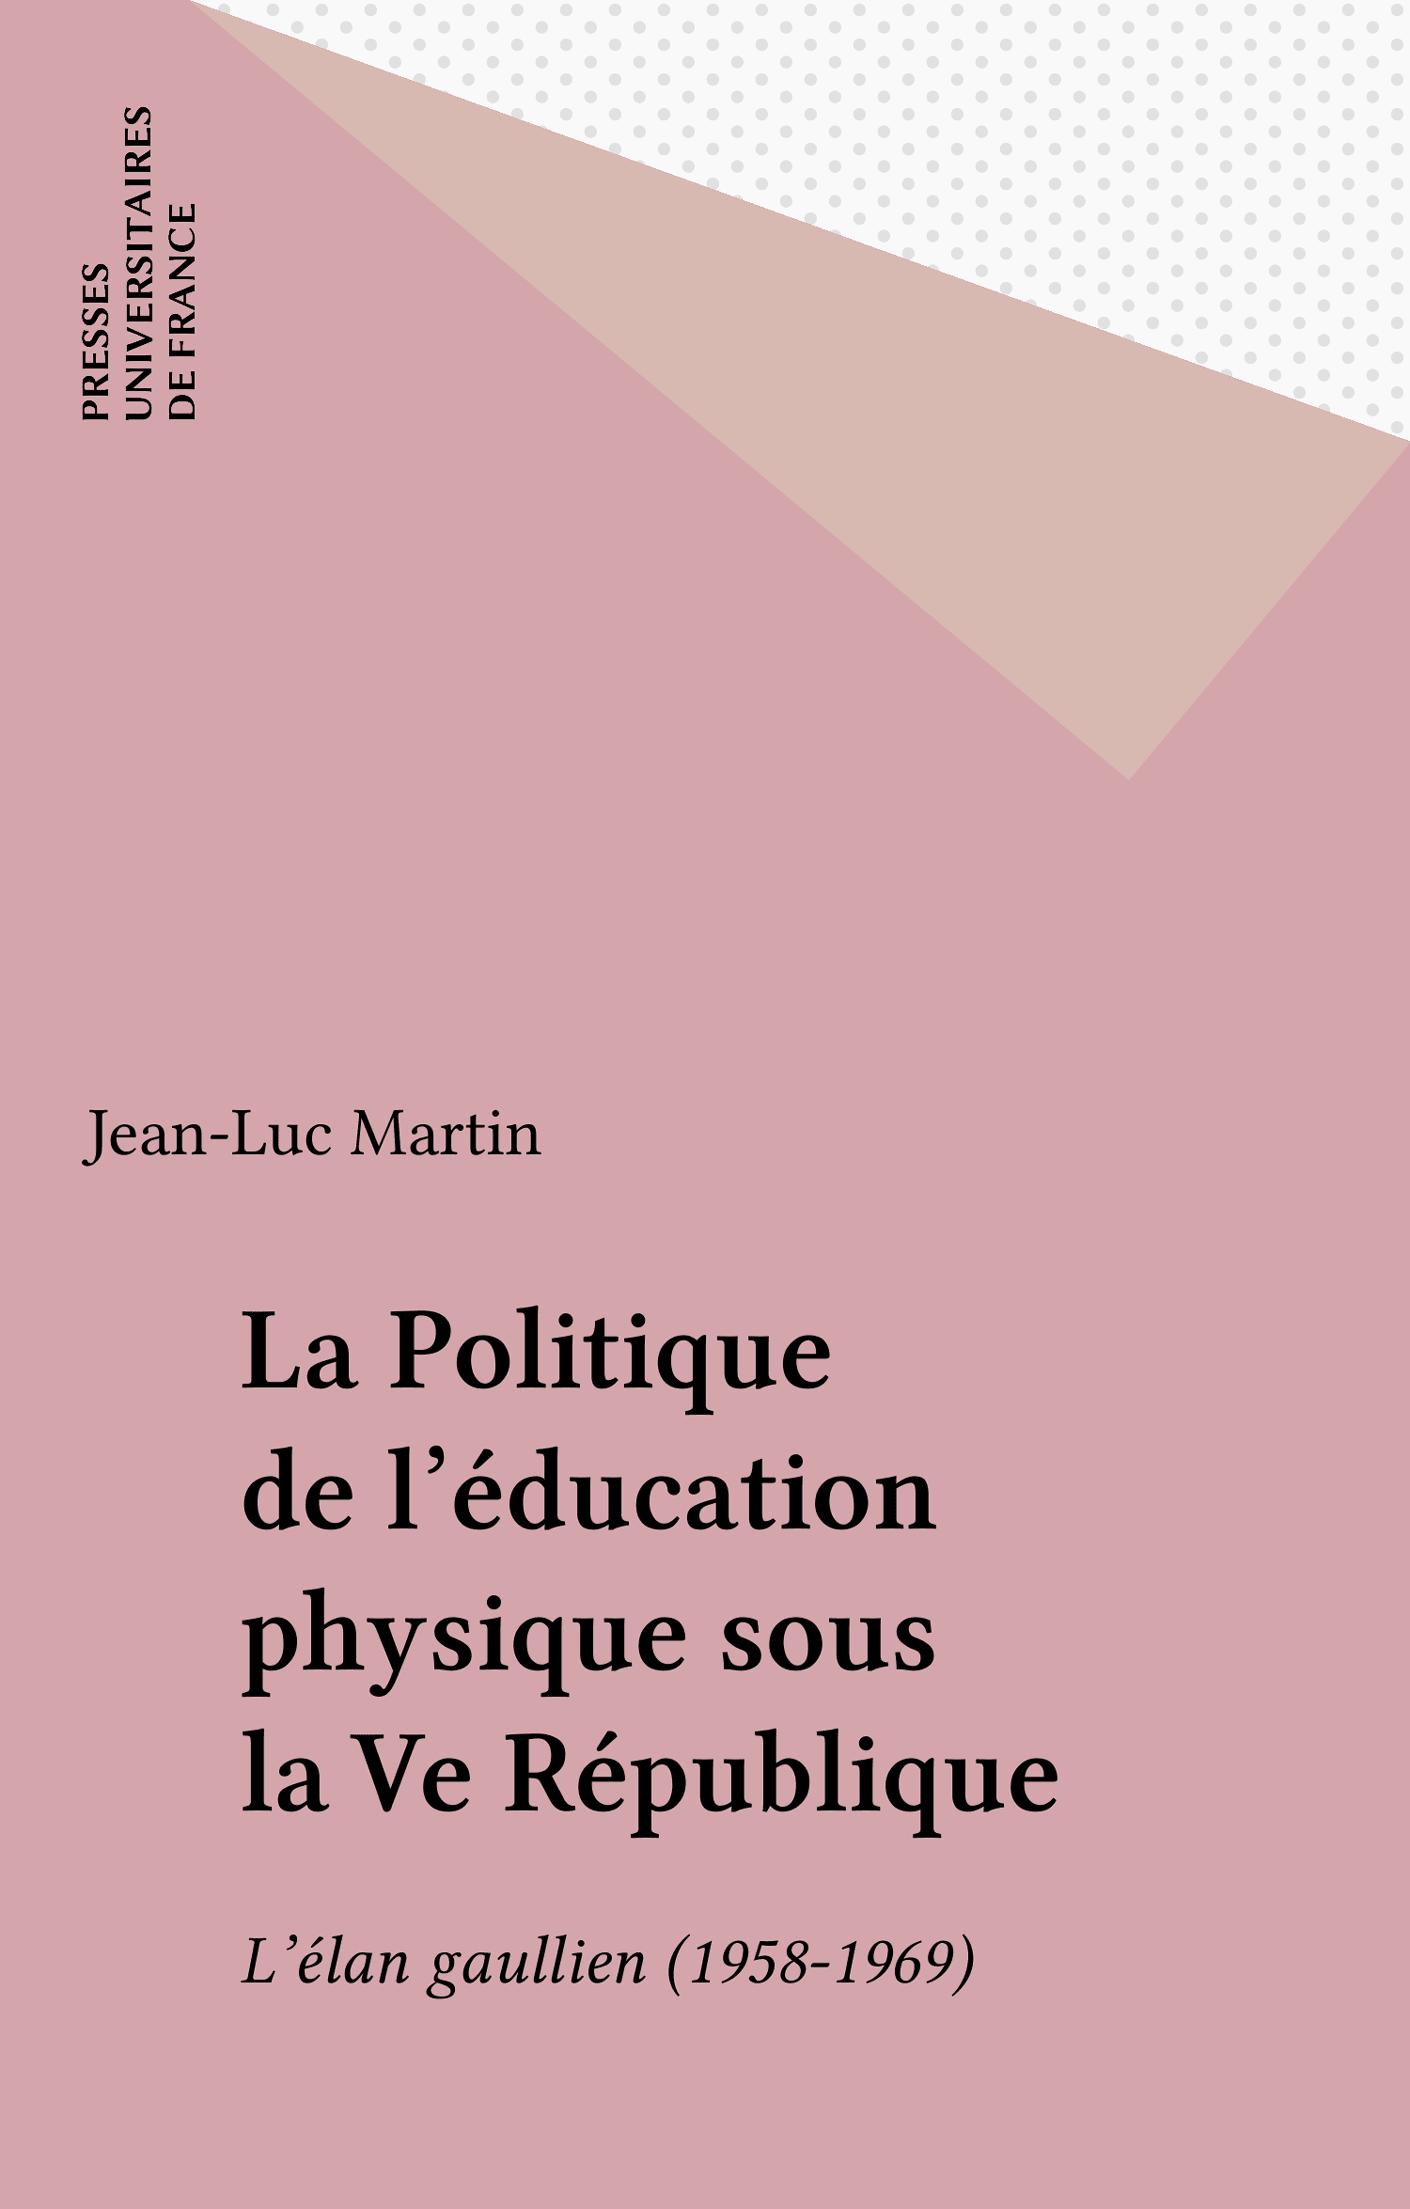 La Politique de l'éducation physique sous la Ve République